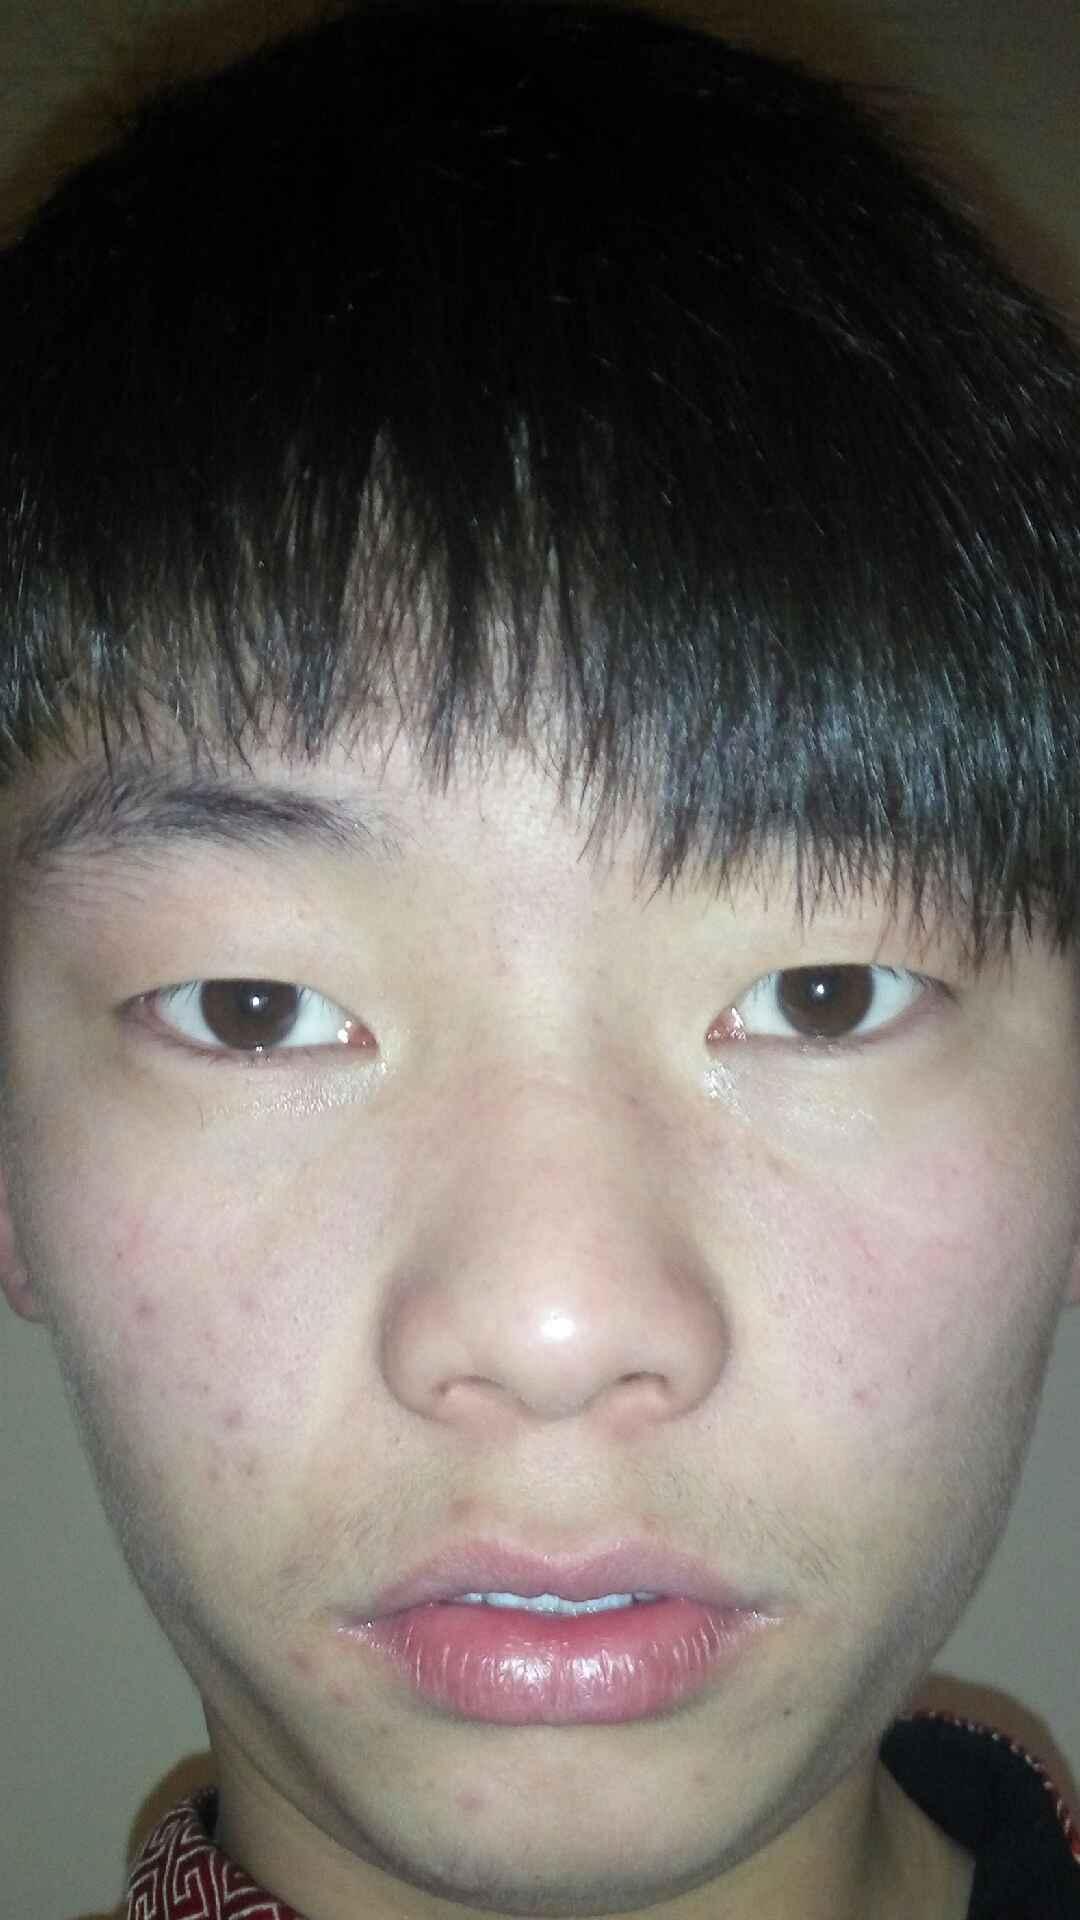 假体硅胶加耳软骨隆鼻怎么样,我该怎么改善,怎么整能变的帅气?